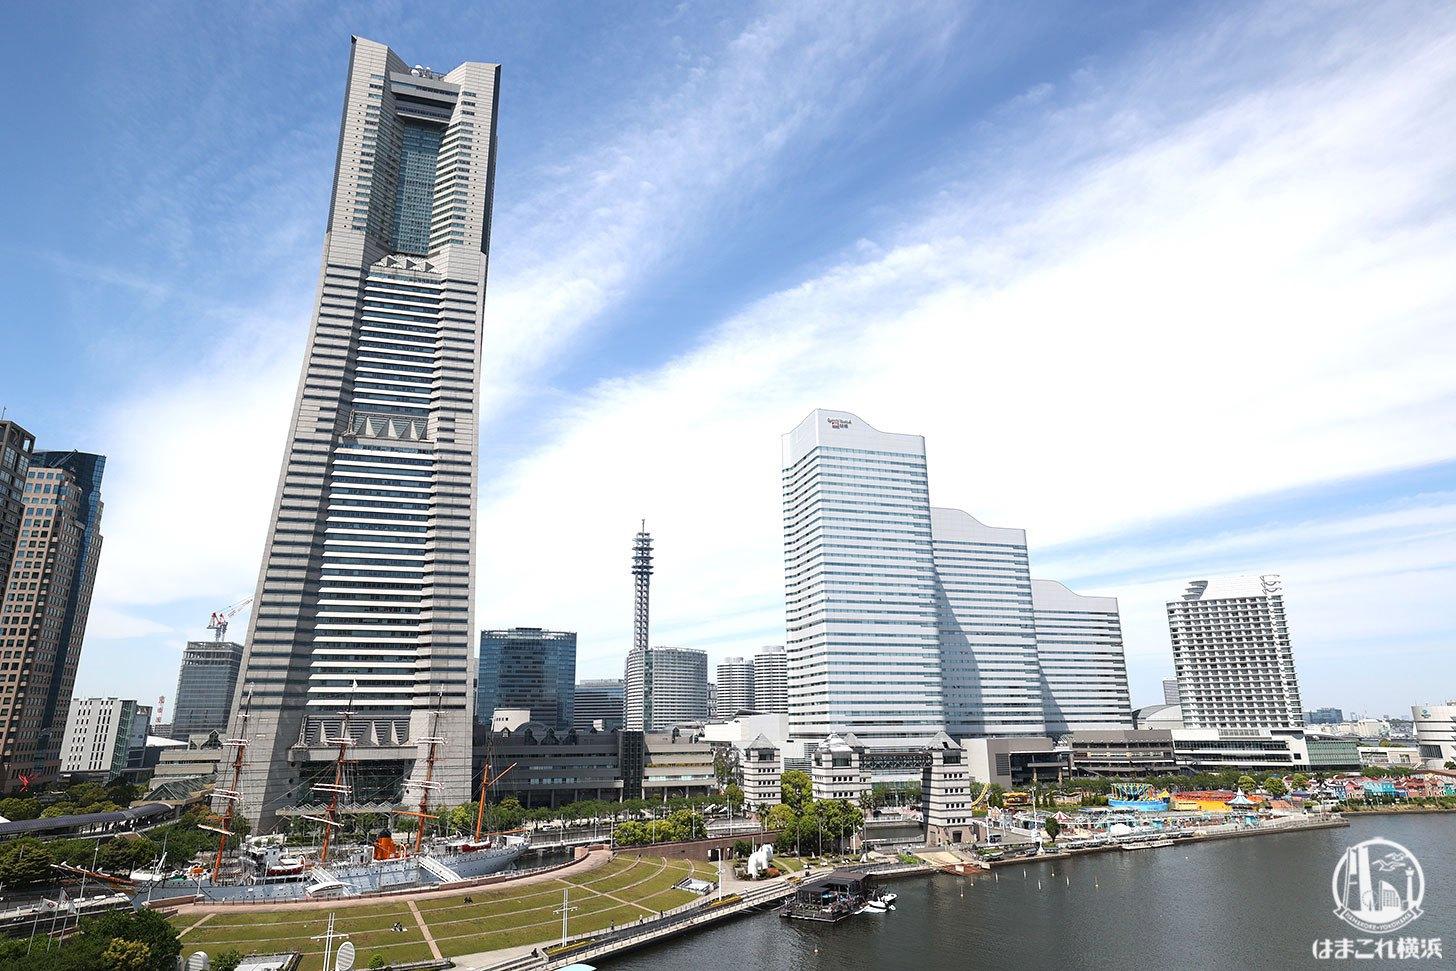 ロープウェイから見た横浜ランドマークタワーとビル群